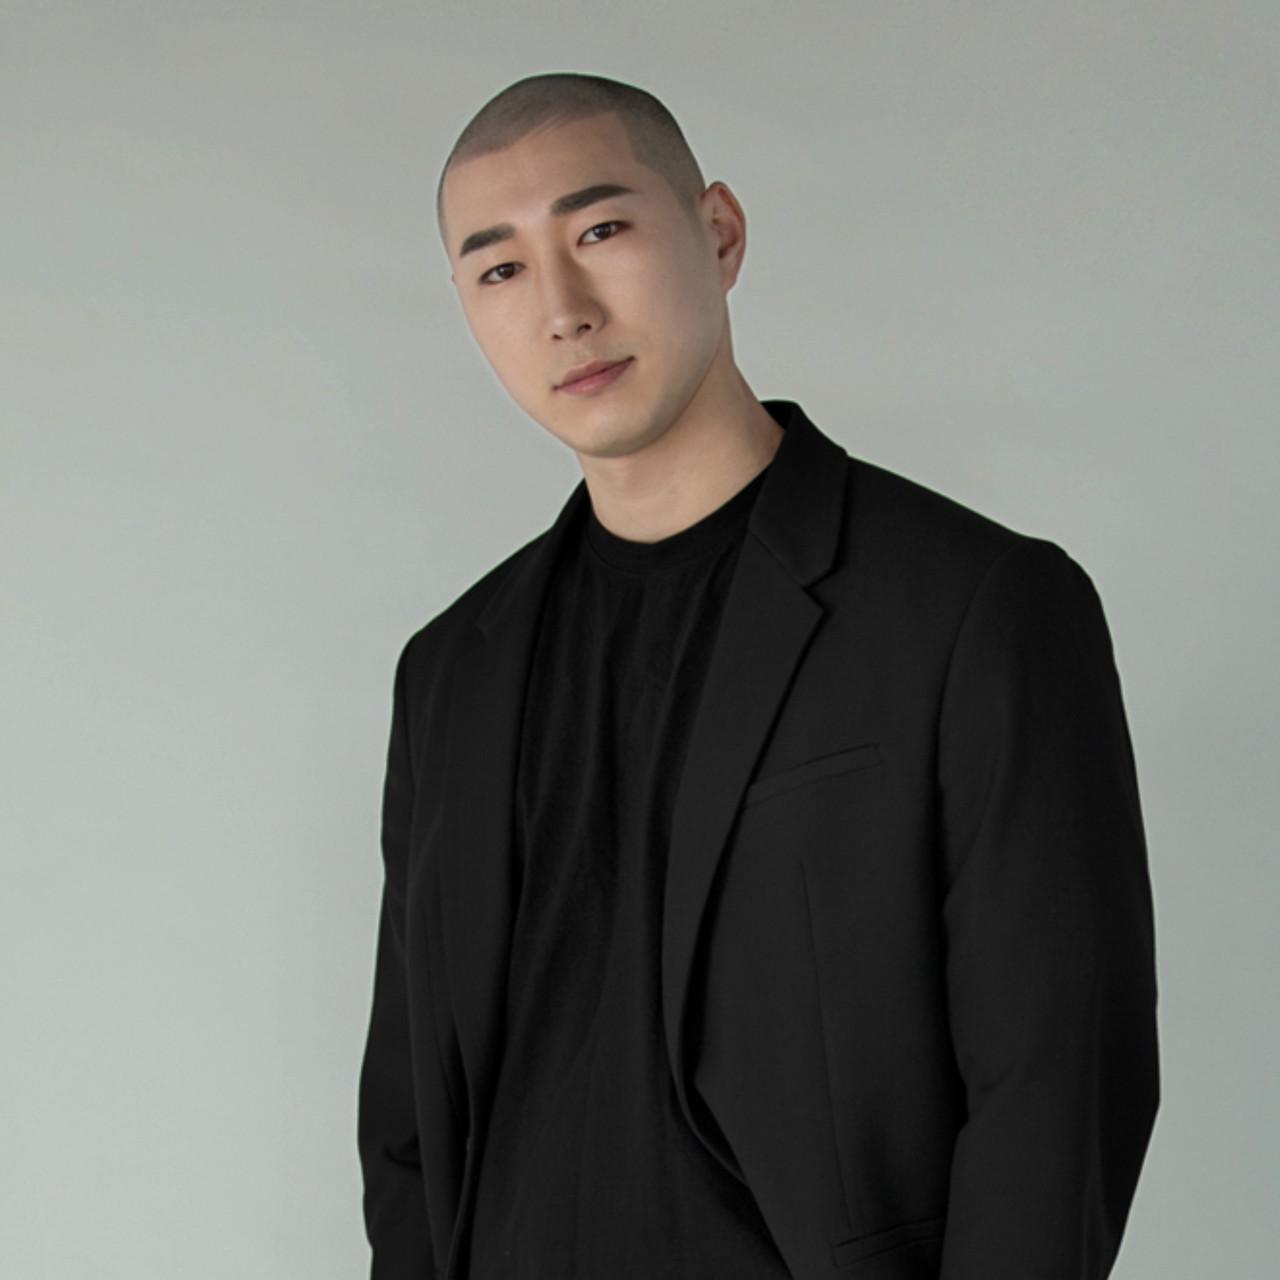 광주 직영점<br>Scalp Designer<br>Dustin원장<br><br>Graycity Bald head Design /<br>Scalp Micro Pigmentation 자격 수료